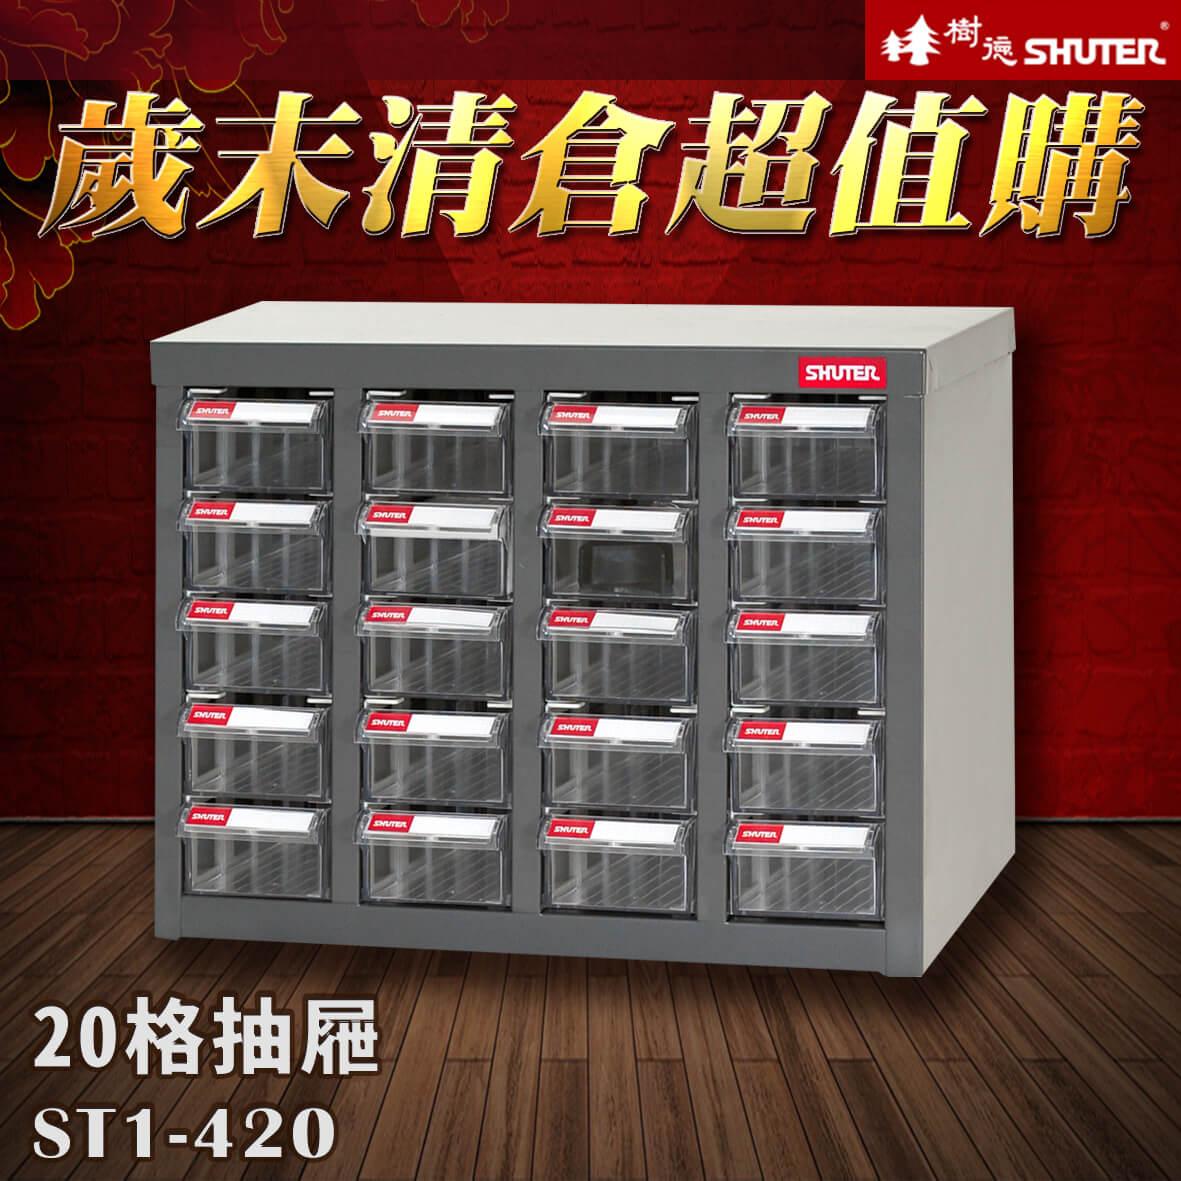 台灣品牌【樹德】 ST1-420 20格抽屜 裝潢 水電 維修 汽車 耗材 電子 3C 包膜 精密 車床 電器